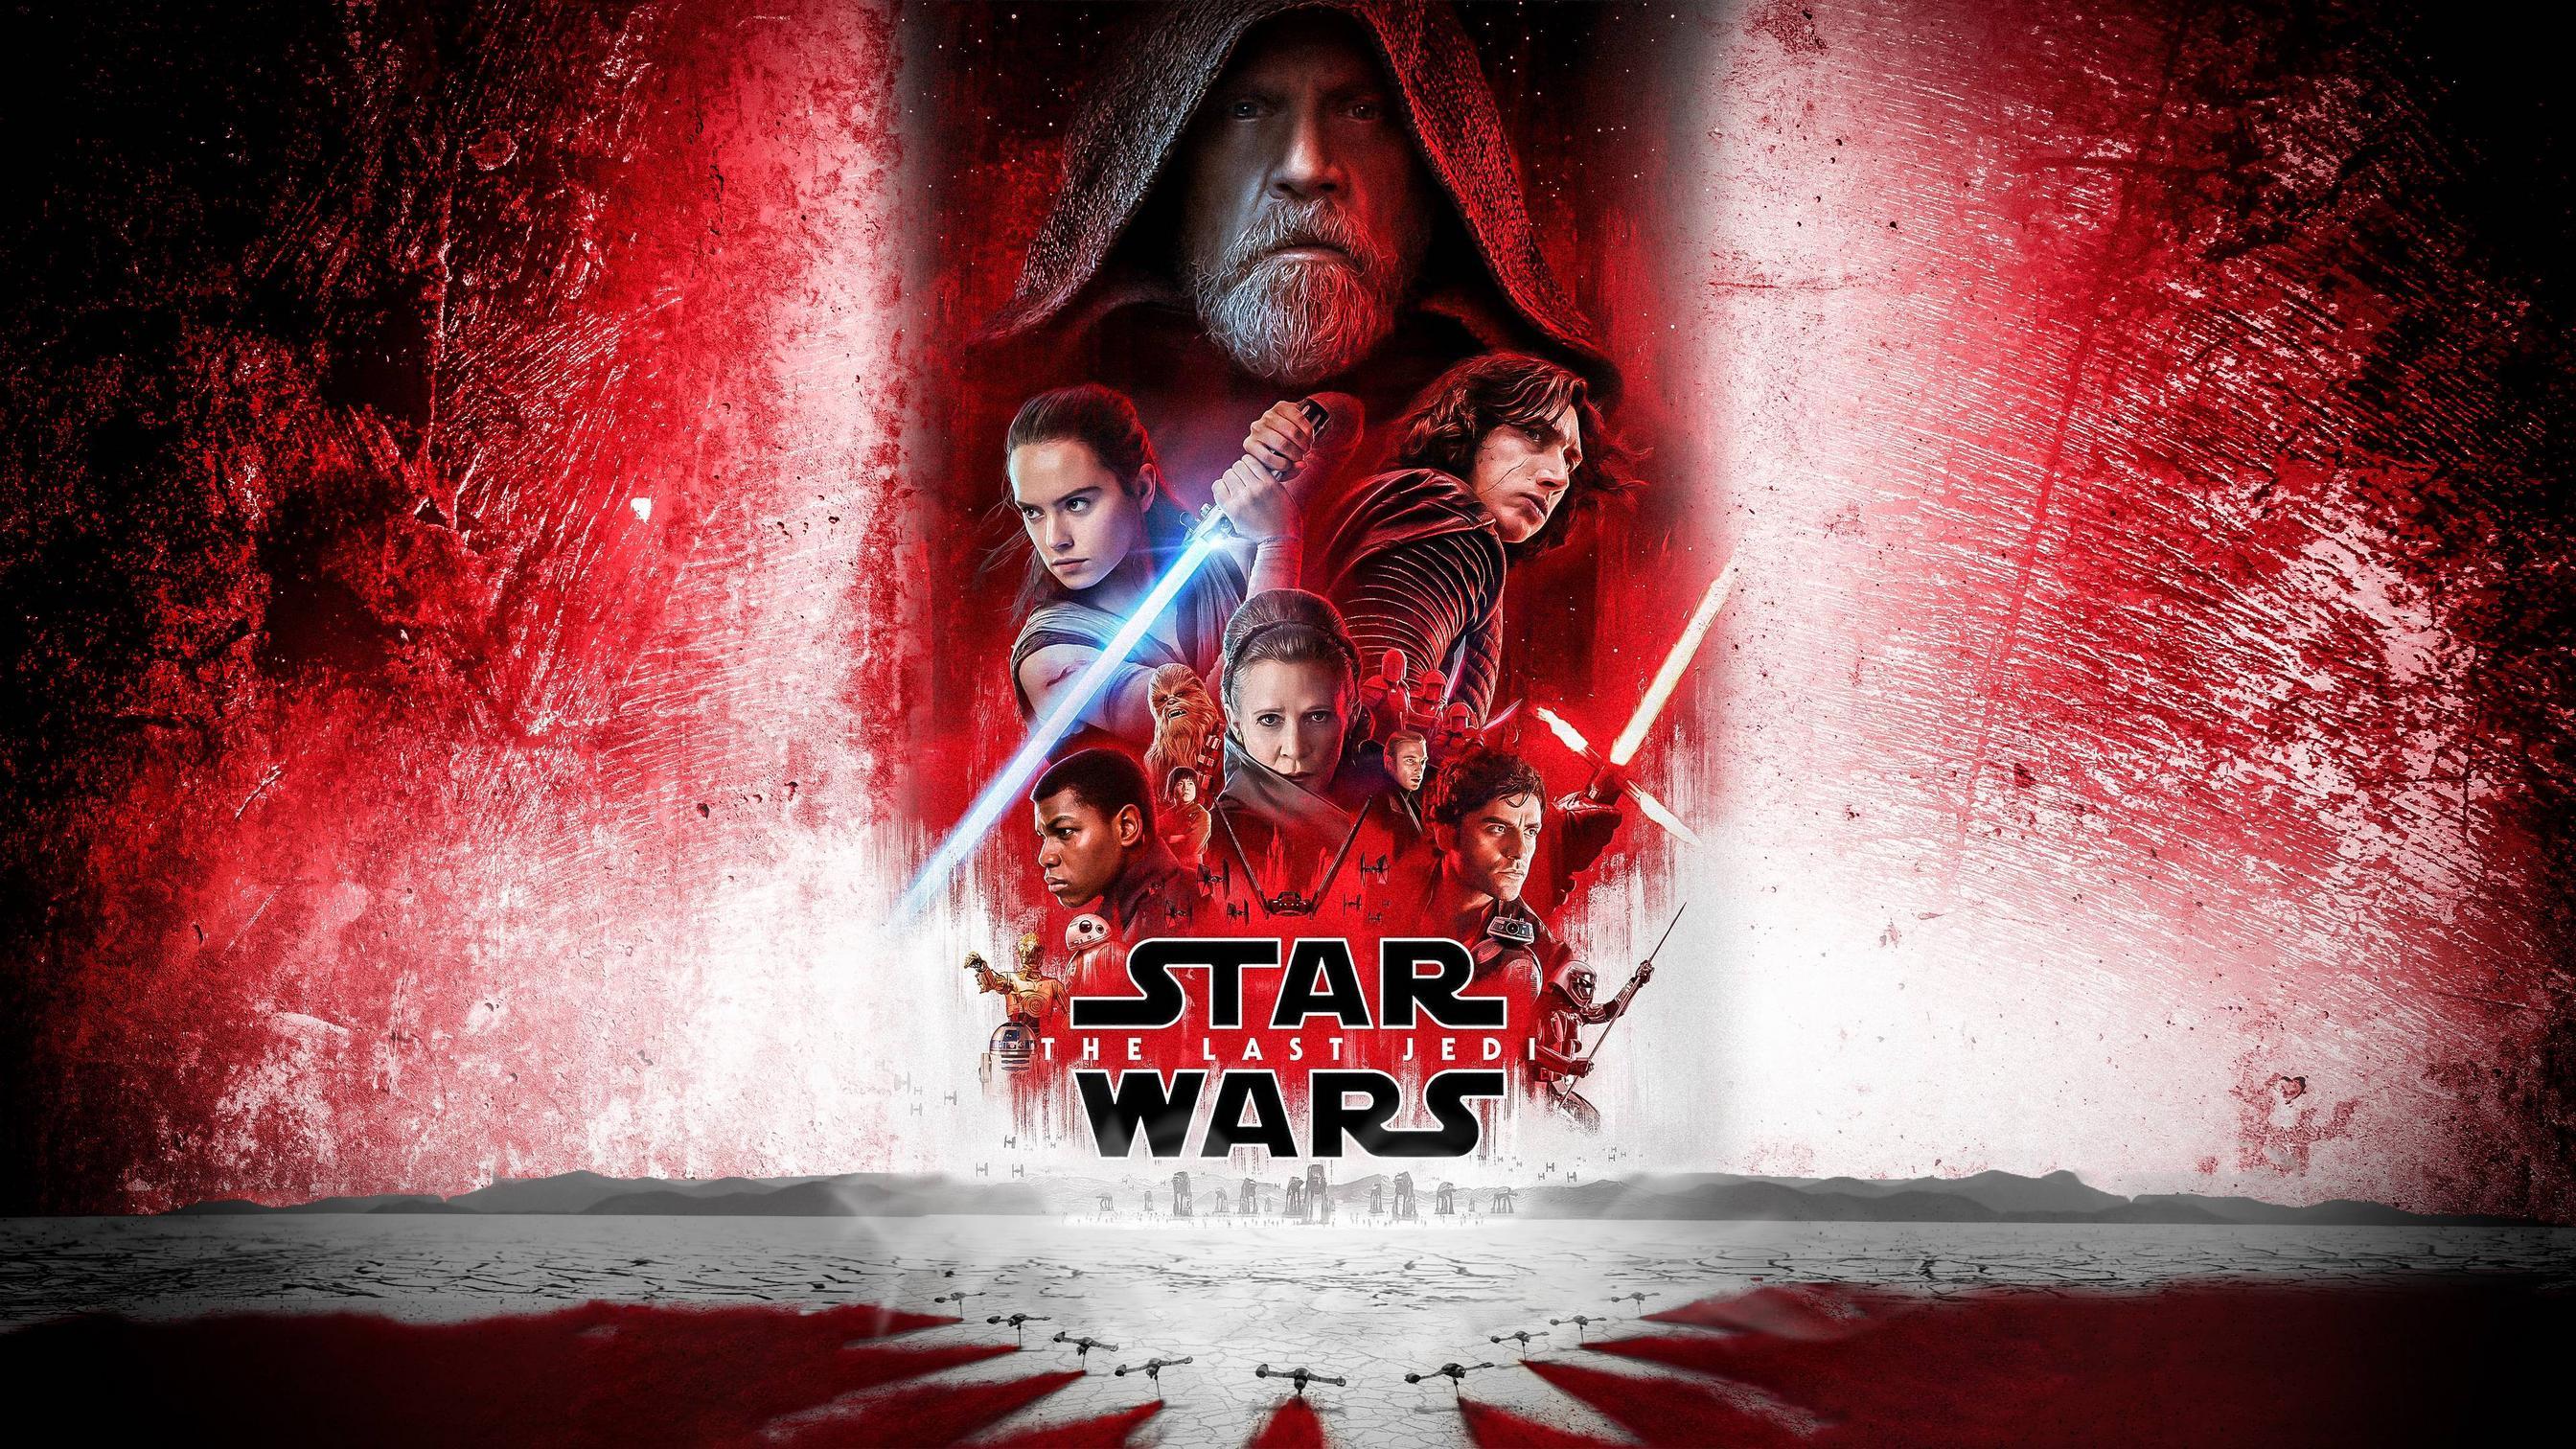 star-wars-the-last-jedi-2688x1512-hd-2017-10625.jpg